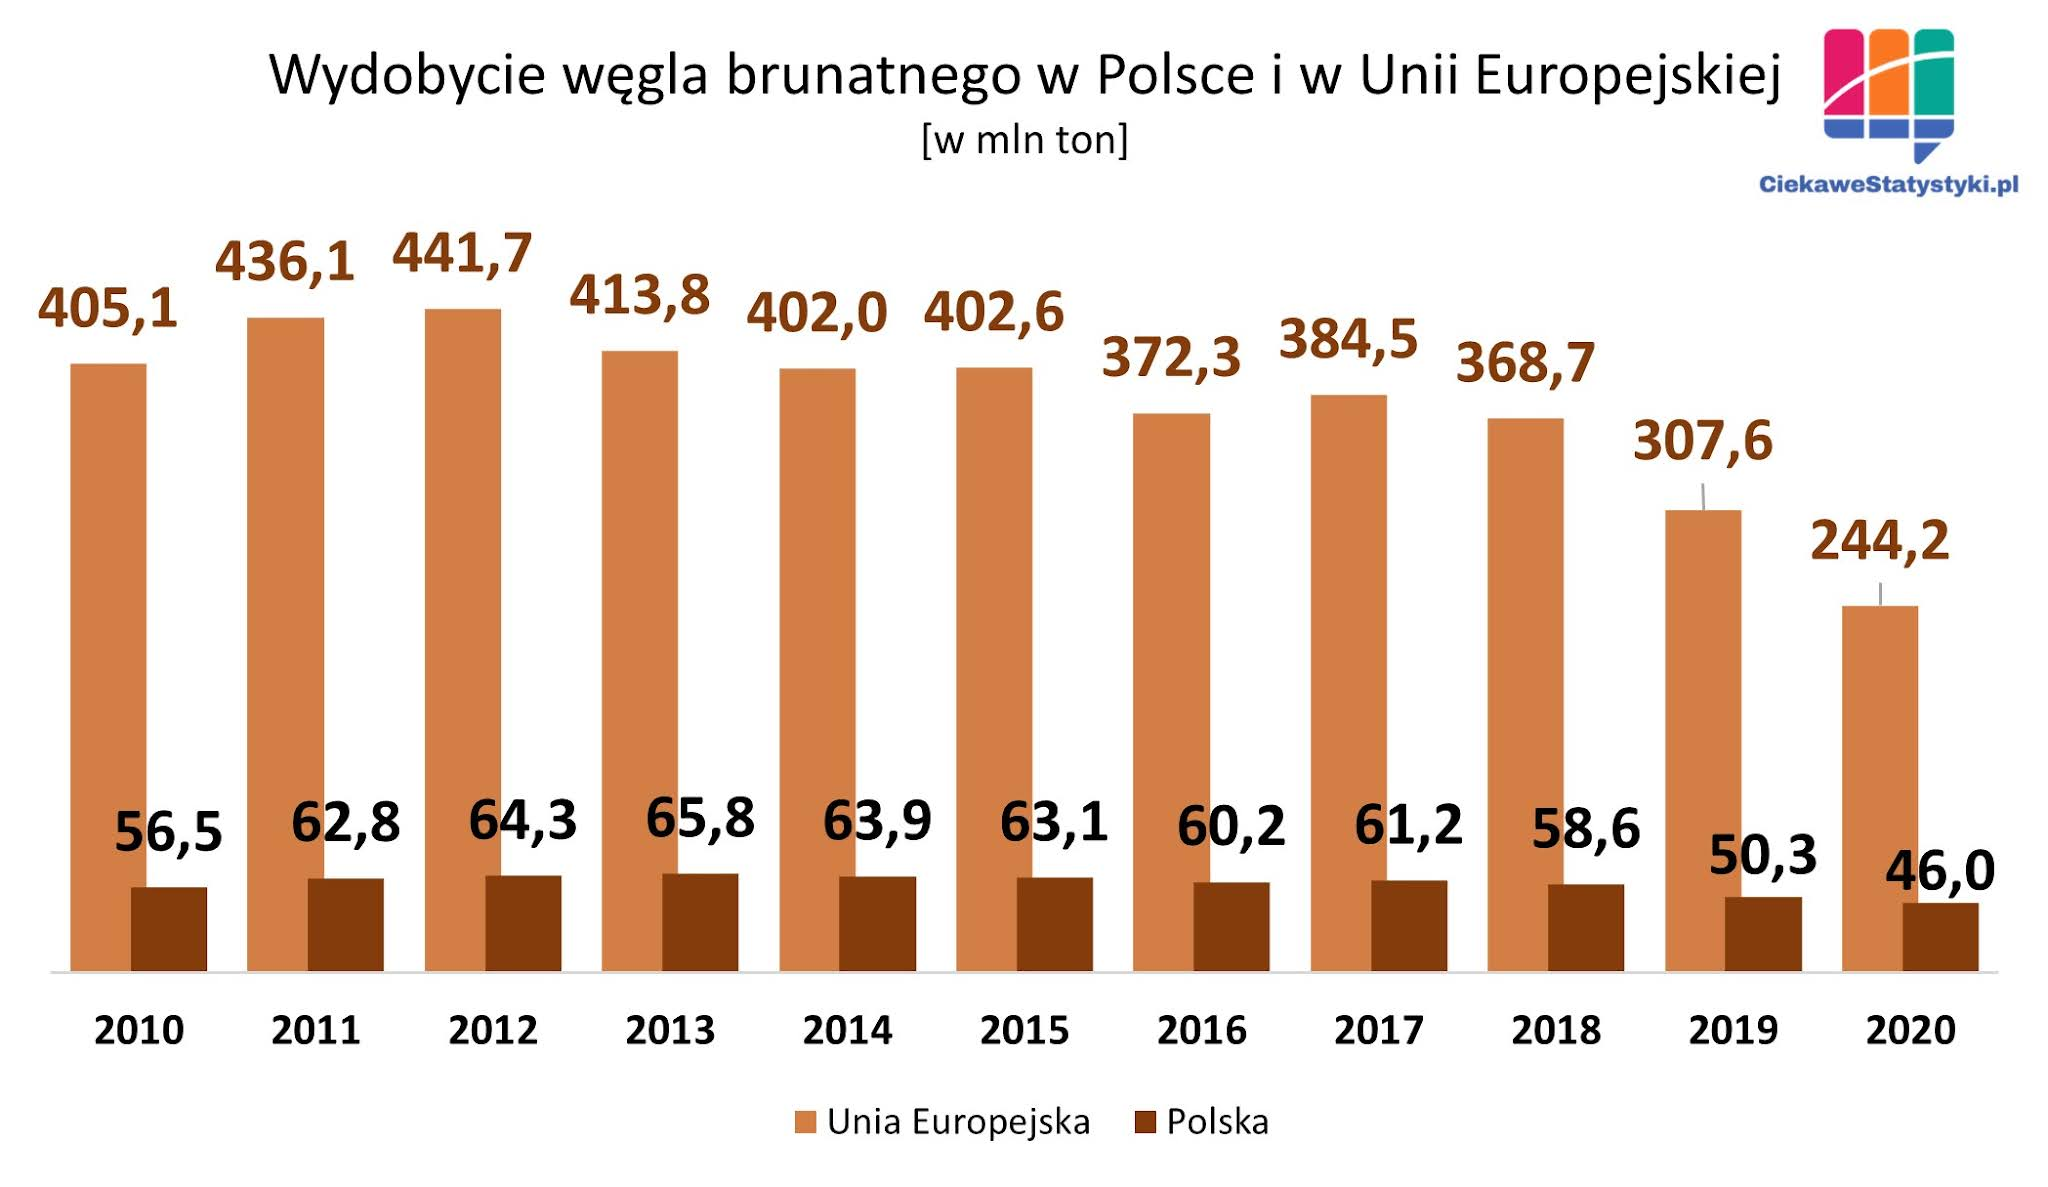 Ile węgla brunatnego wydobywa się w Polsce; statystyki wydobycia węgla